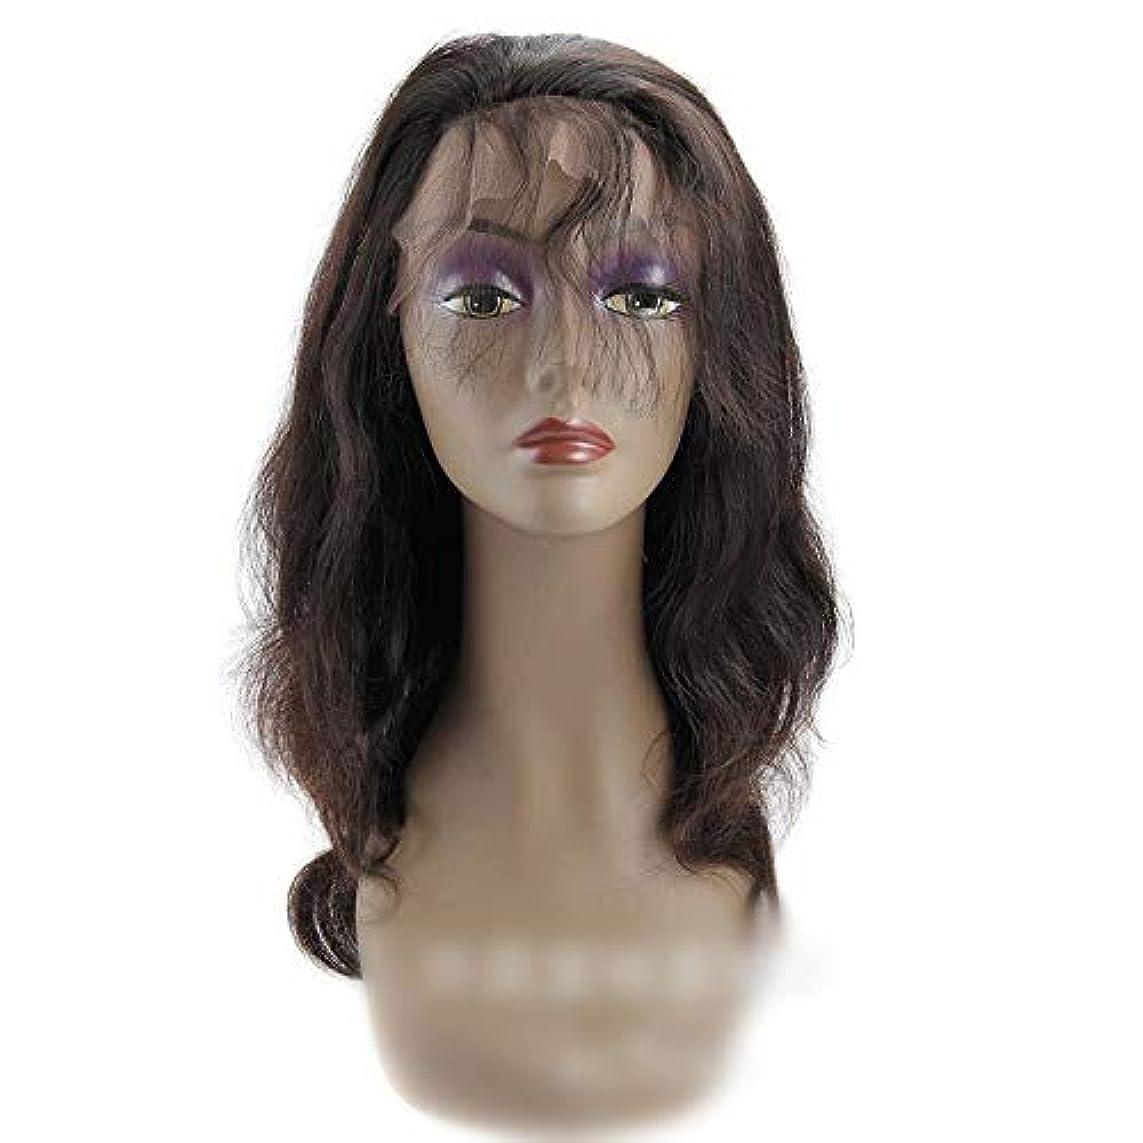 ベテラン理想的には繕うHOHYLLYA 360レース前頭かつらブラジルバージンヘアエクステンションボディウェーブ人間の髪の毛のかつら女性のかつら (色 : 黒, サイズ : 18 inch)